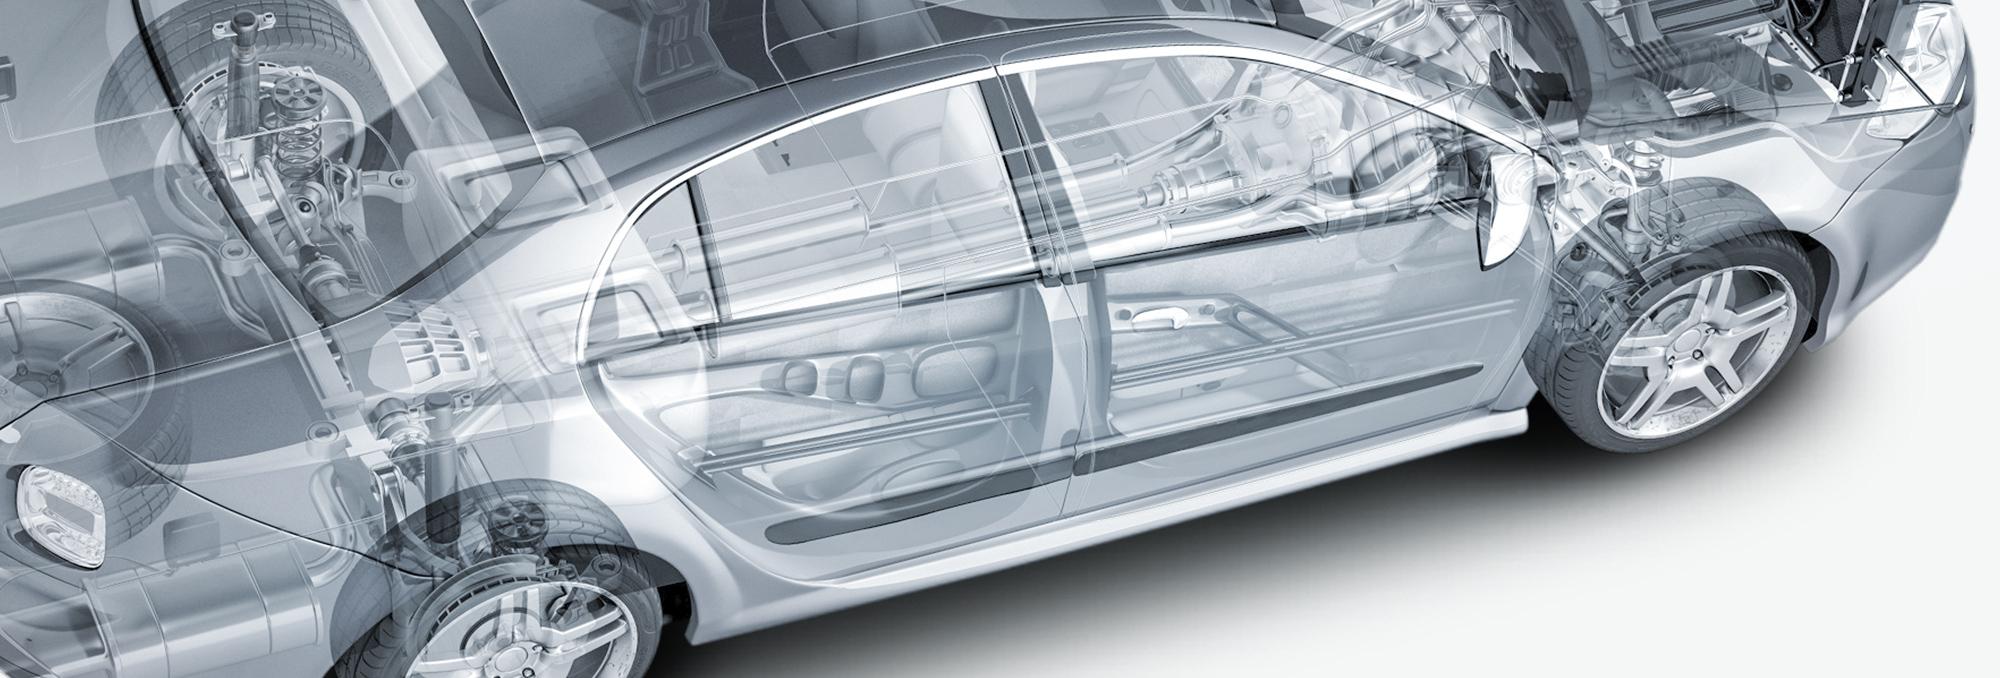 Kabelové směsi pro automobily vyvíjí a vyrábí SILON s.r.o.